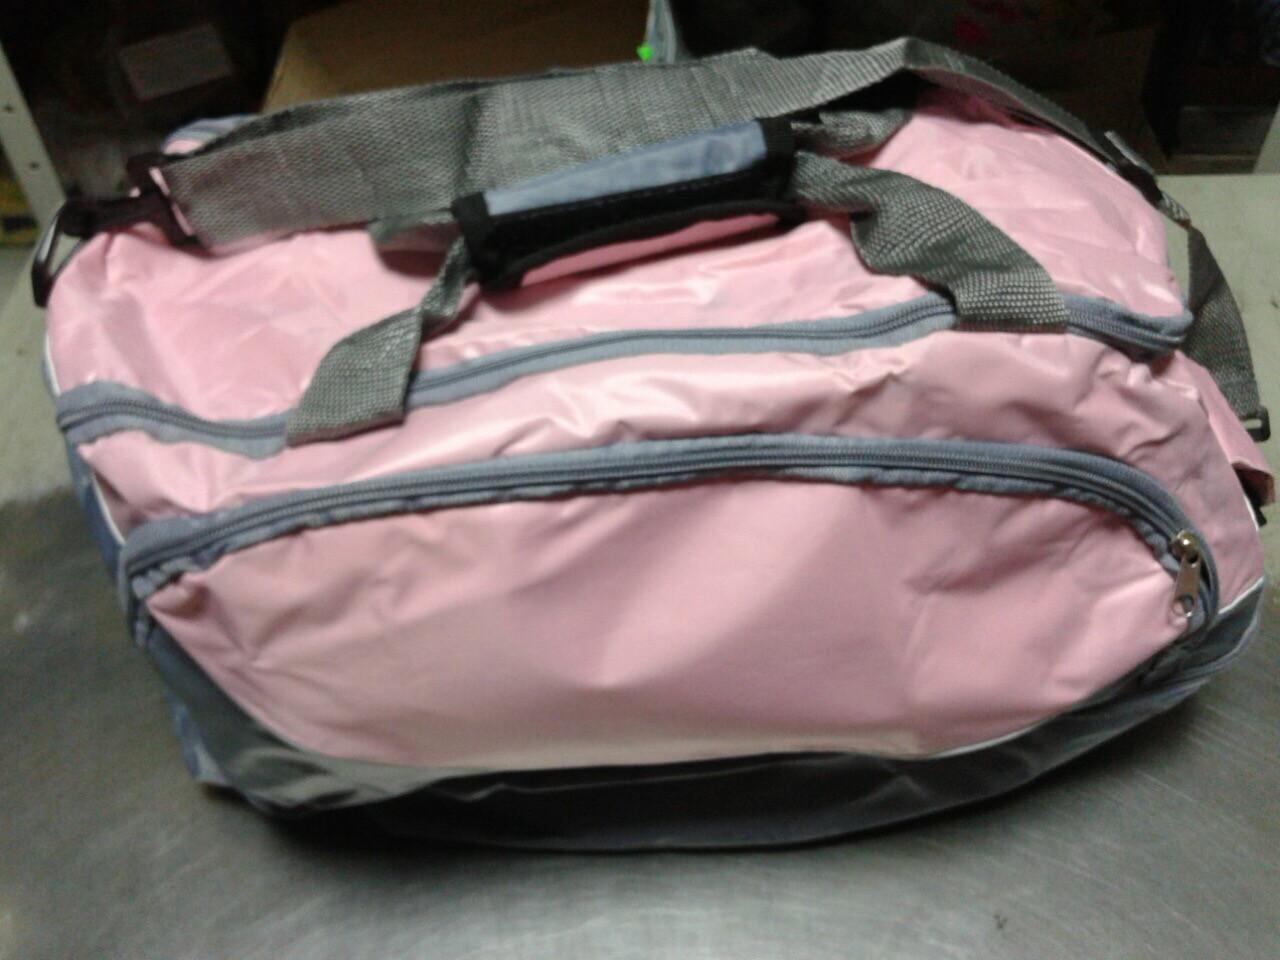 Спец предложение на спорт сумку!Большая,вместительная спорт сумка для девушек всего 249р!!!Экспресс!